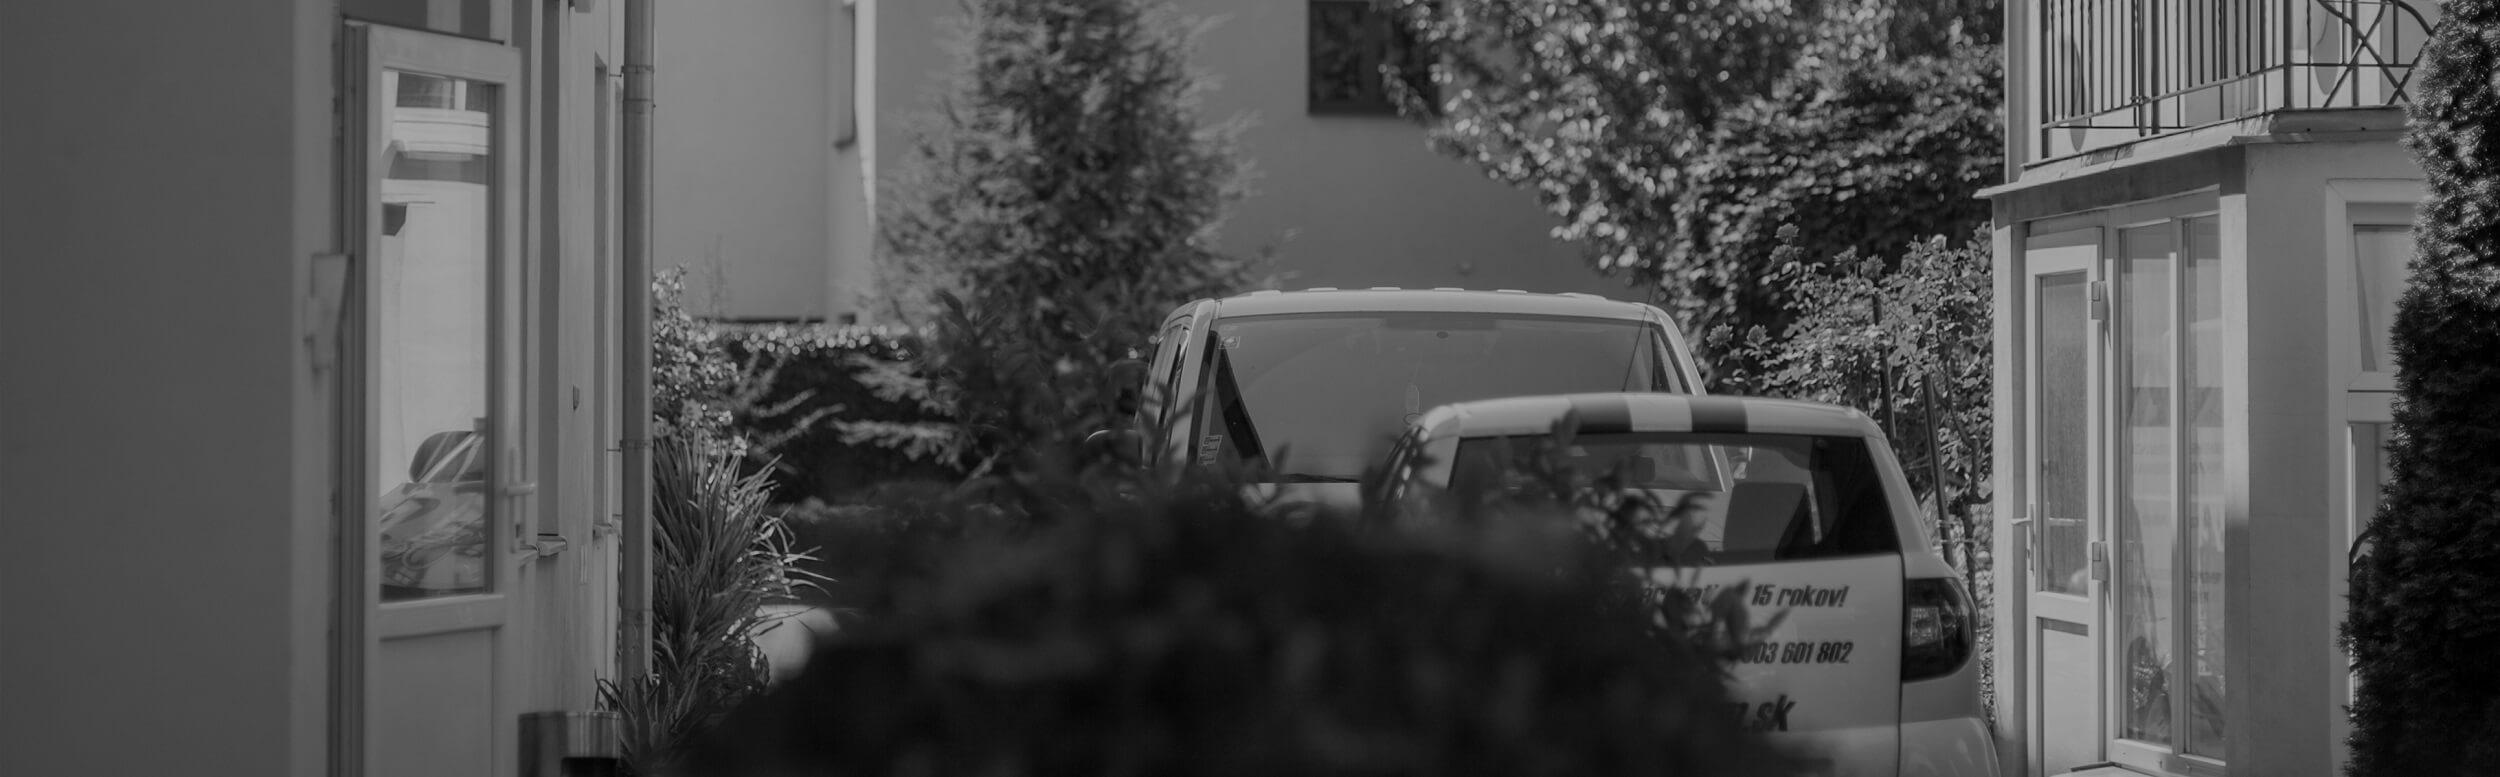 Dvor, stromy, autá